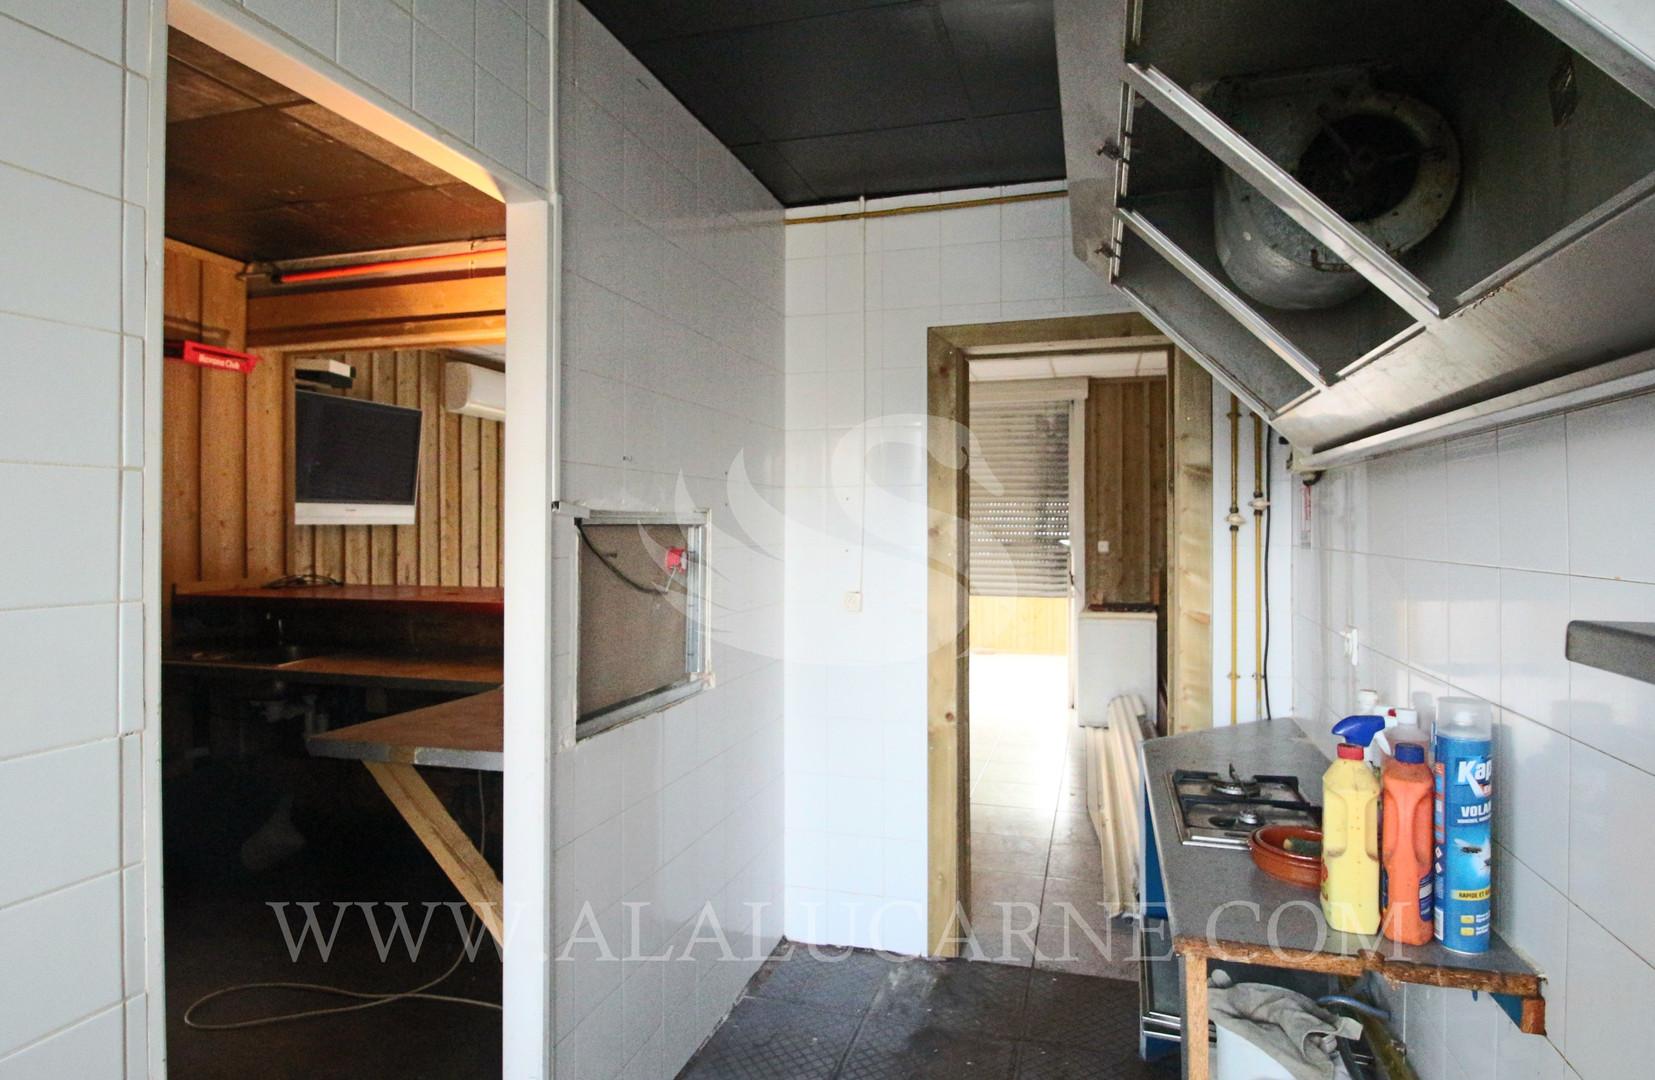 Opportunité_immeuble_quartier_Gajac.jpg